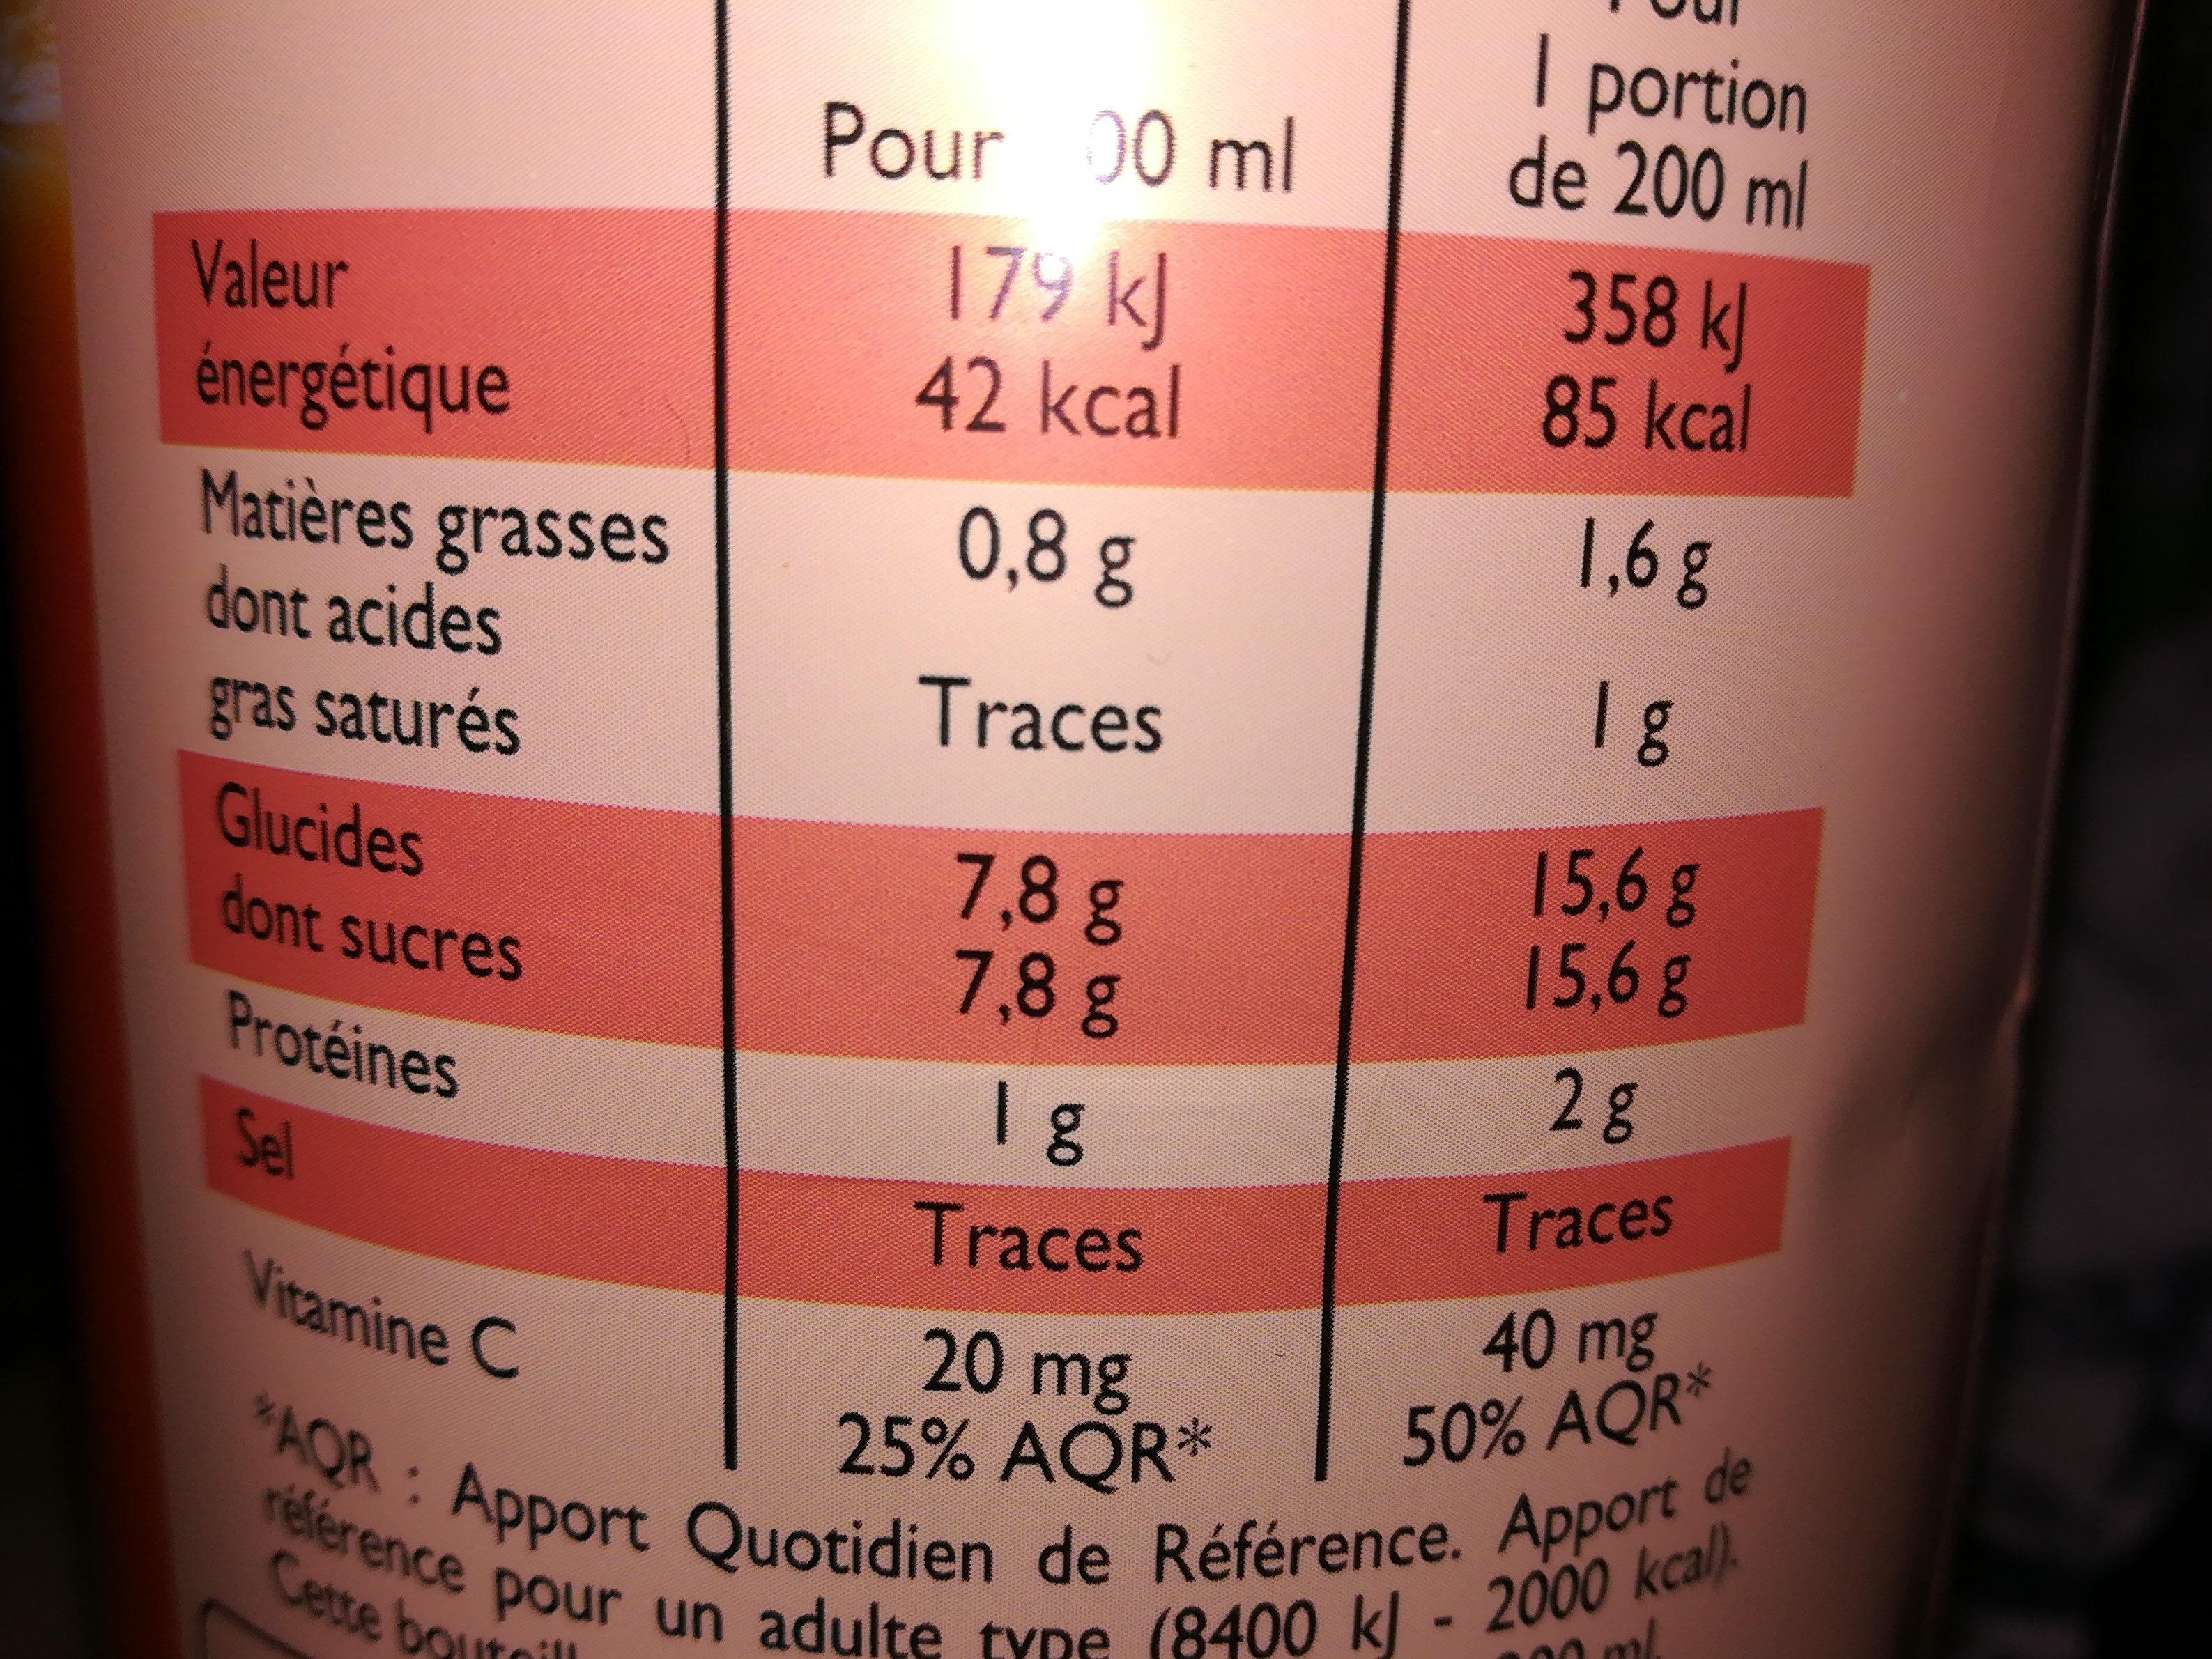 Pur jus d'orange sans pulpe - Información nutricional - fr